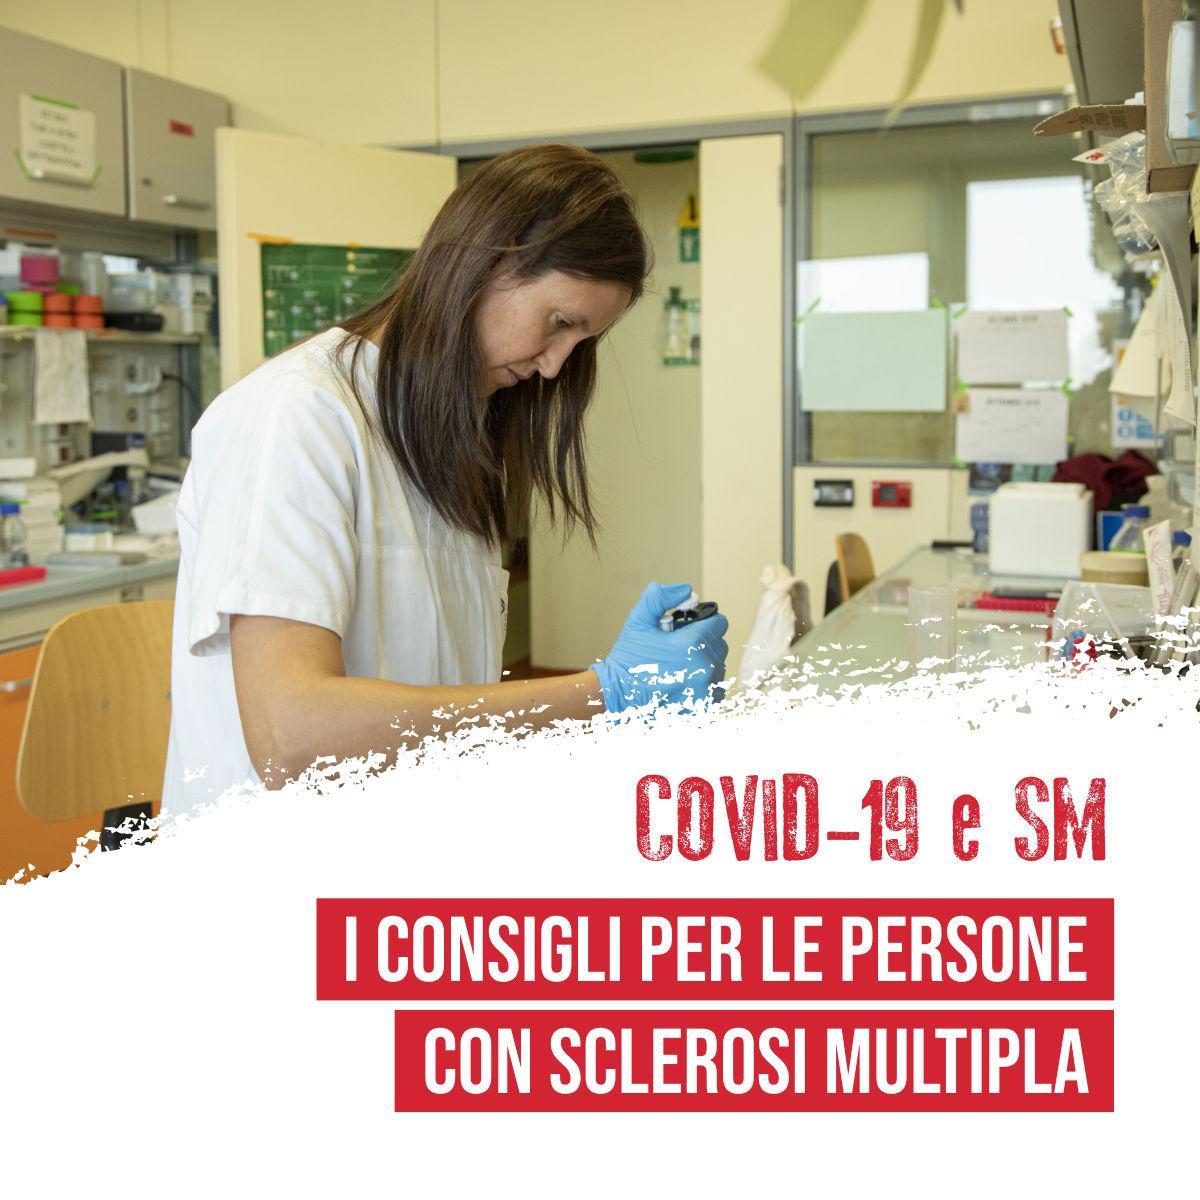 Covid-19 e SM